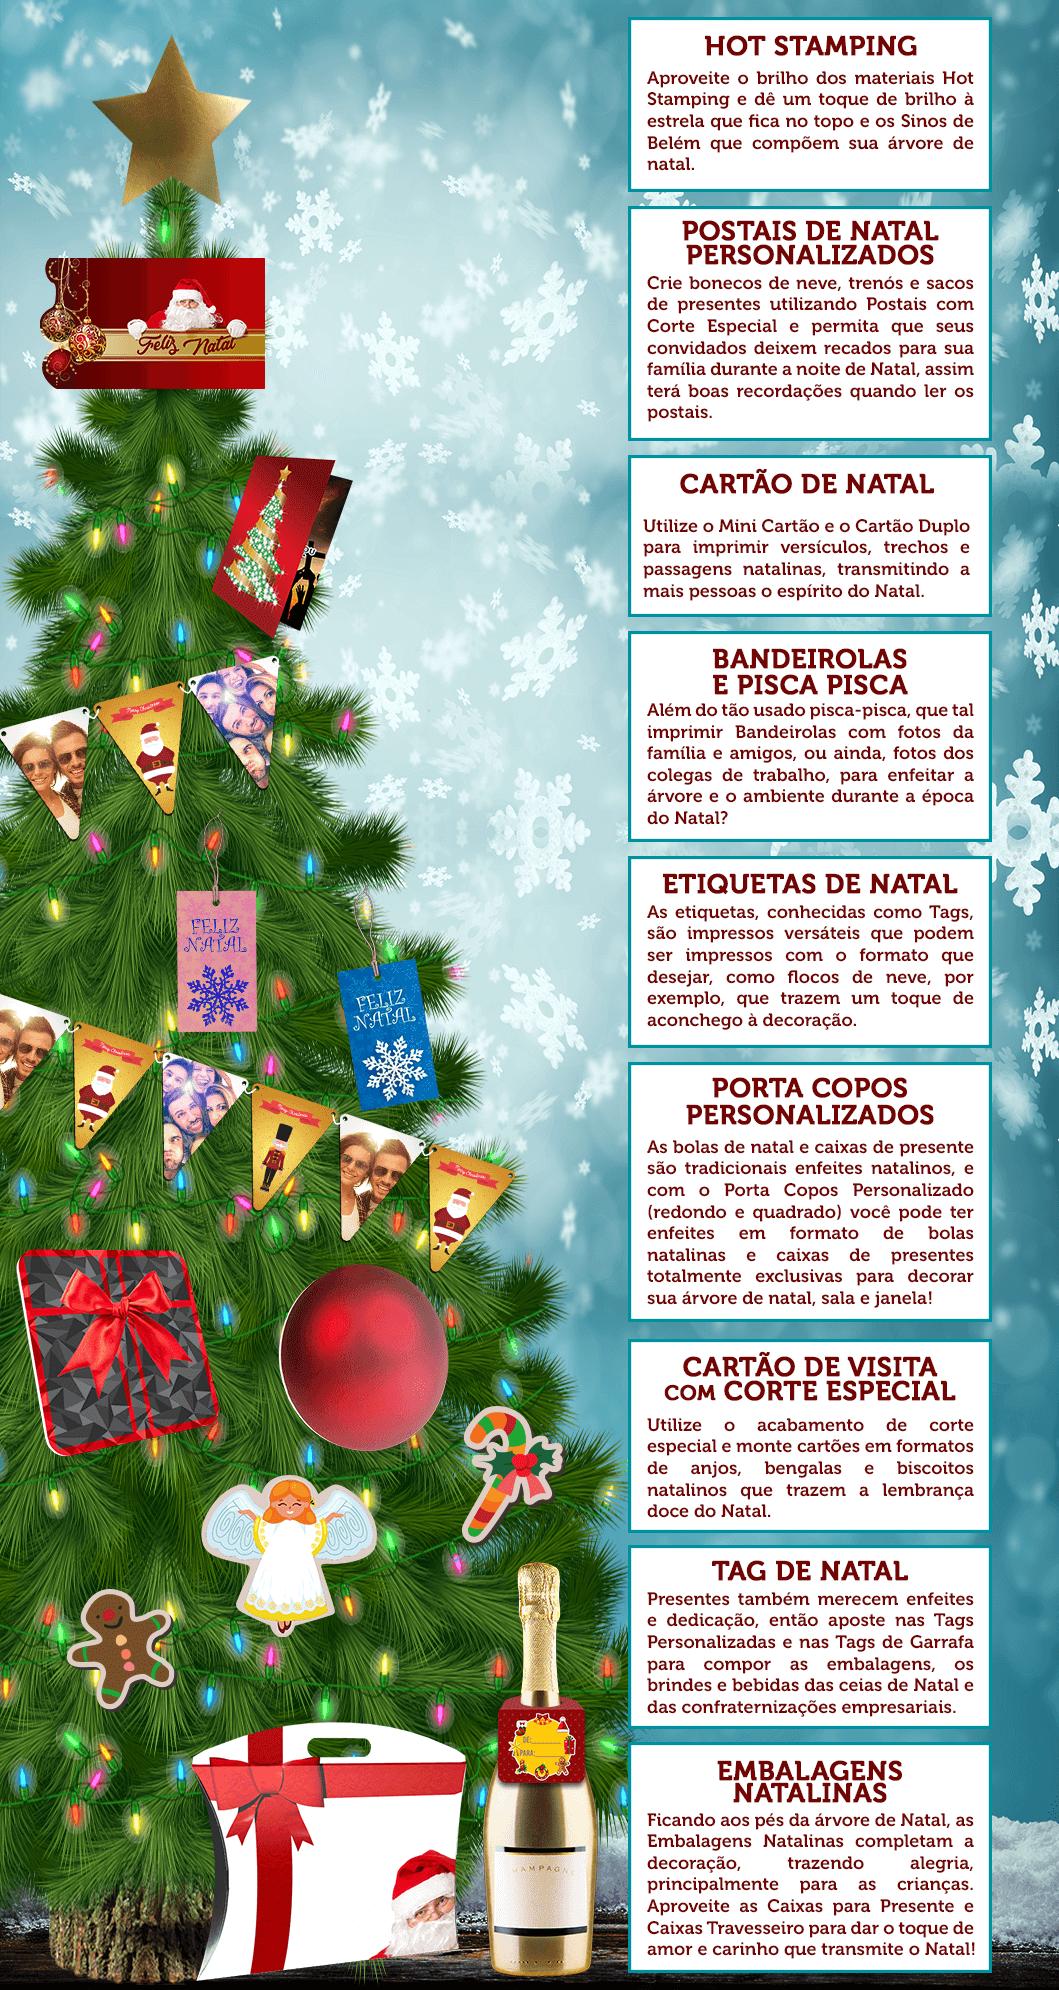 Decoracao-de-Natal-com-impressos-personalizados-Grafica-Cartoes-Mais-Barato